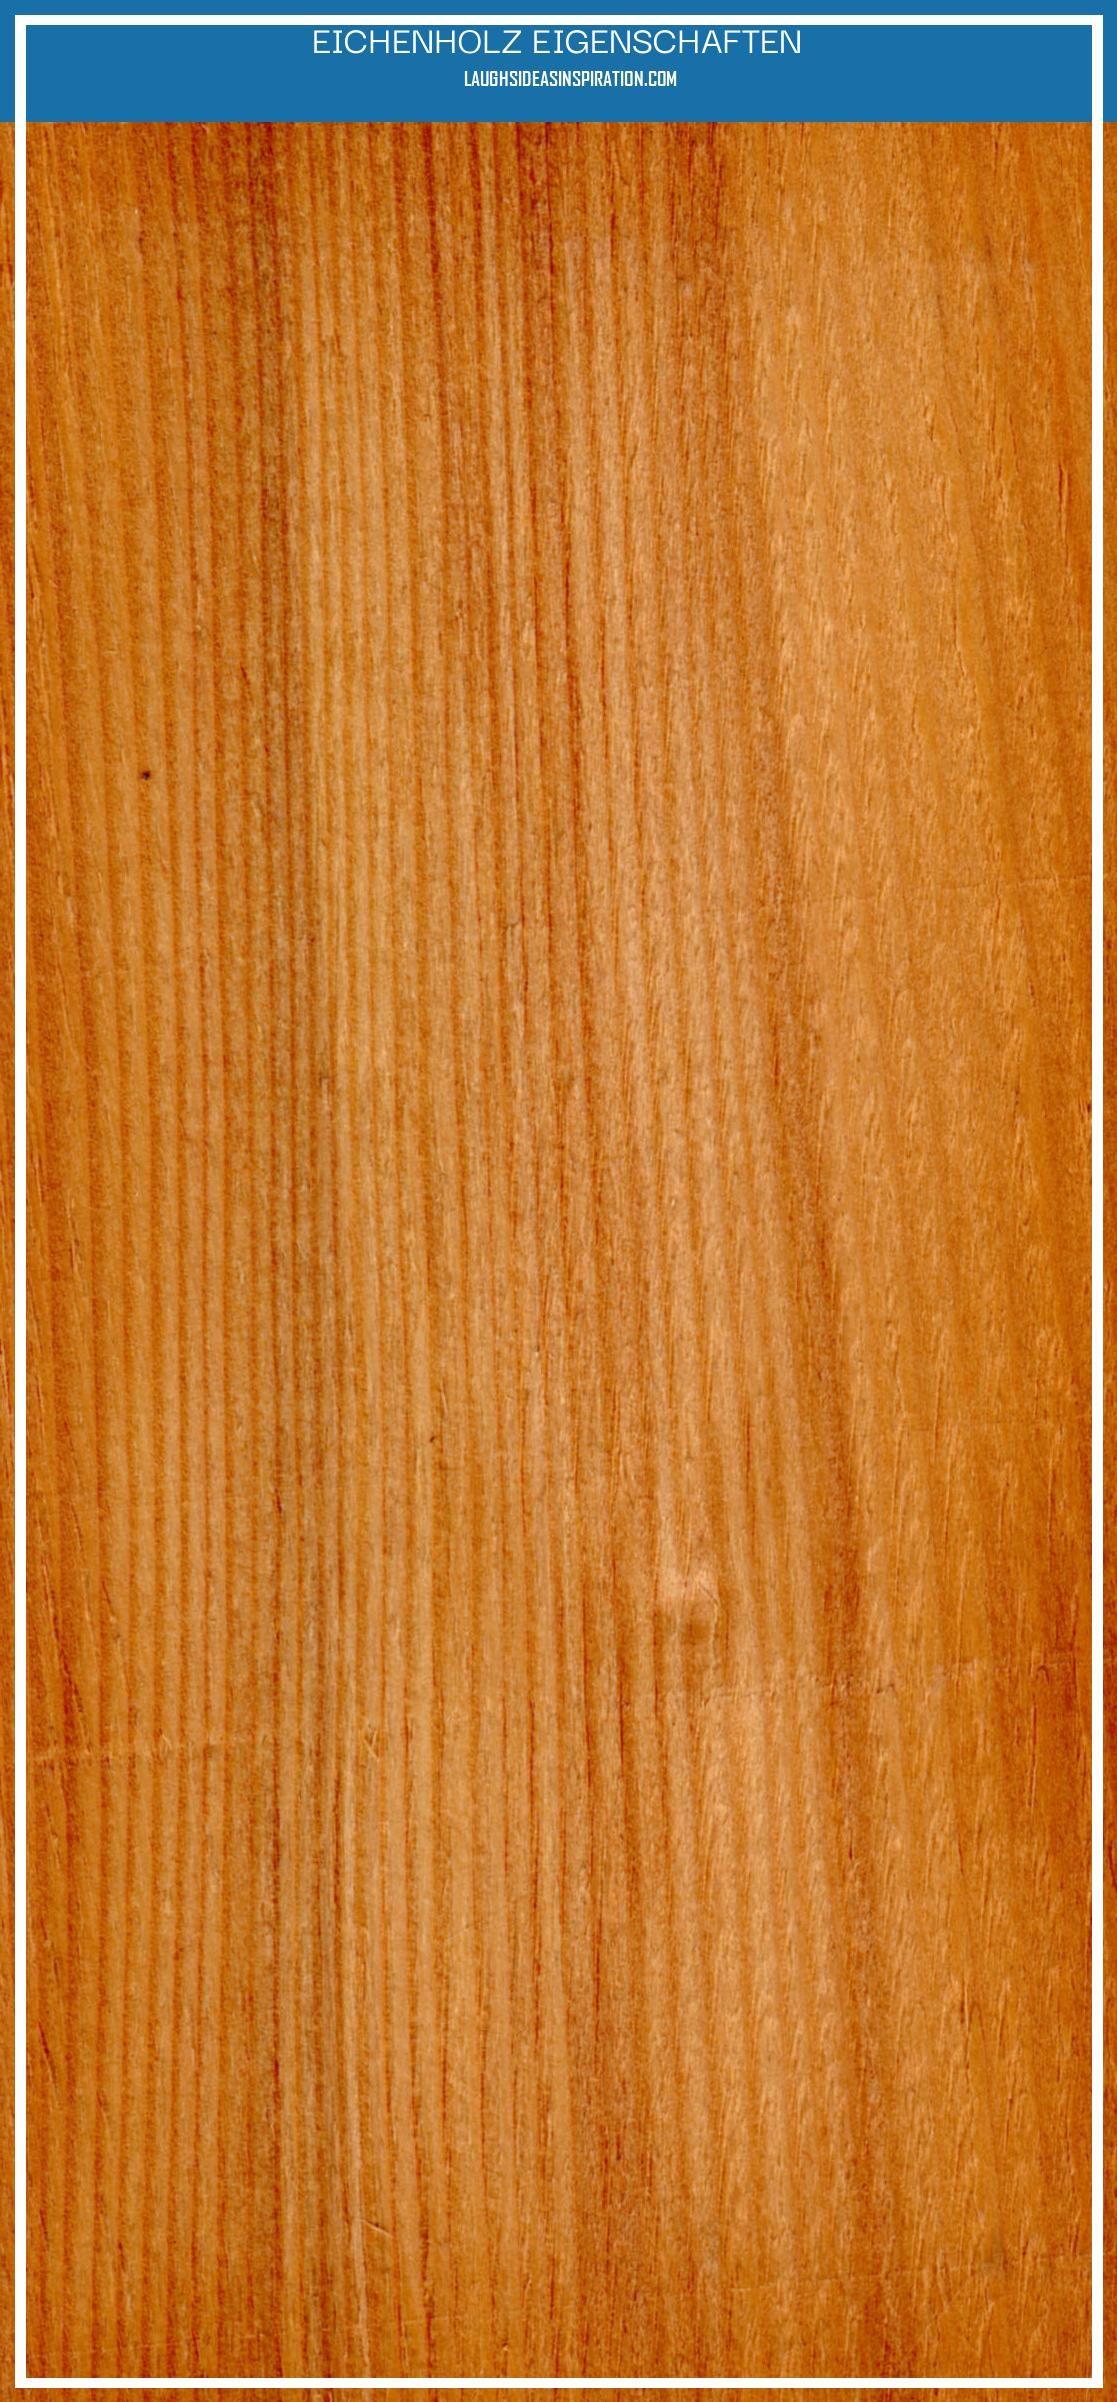 12 Frisch Eichenholz Eigenschaften In 2020 Eiche Holz Eiche